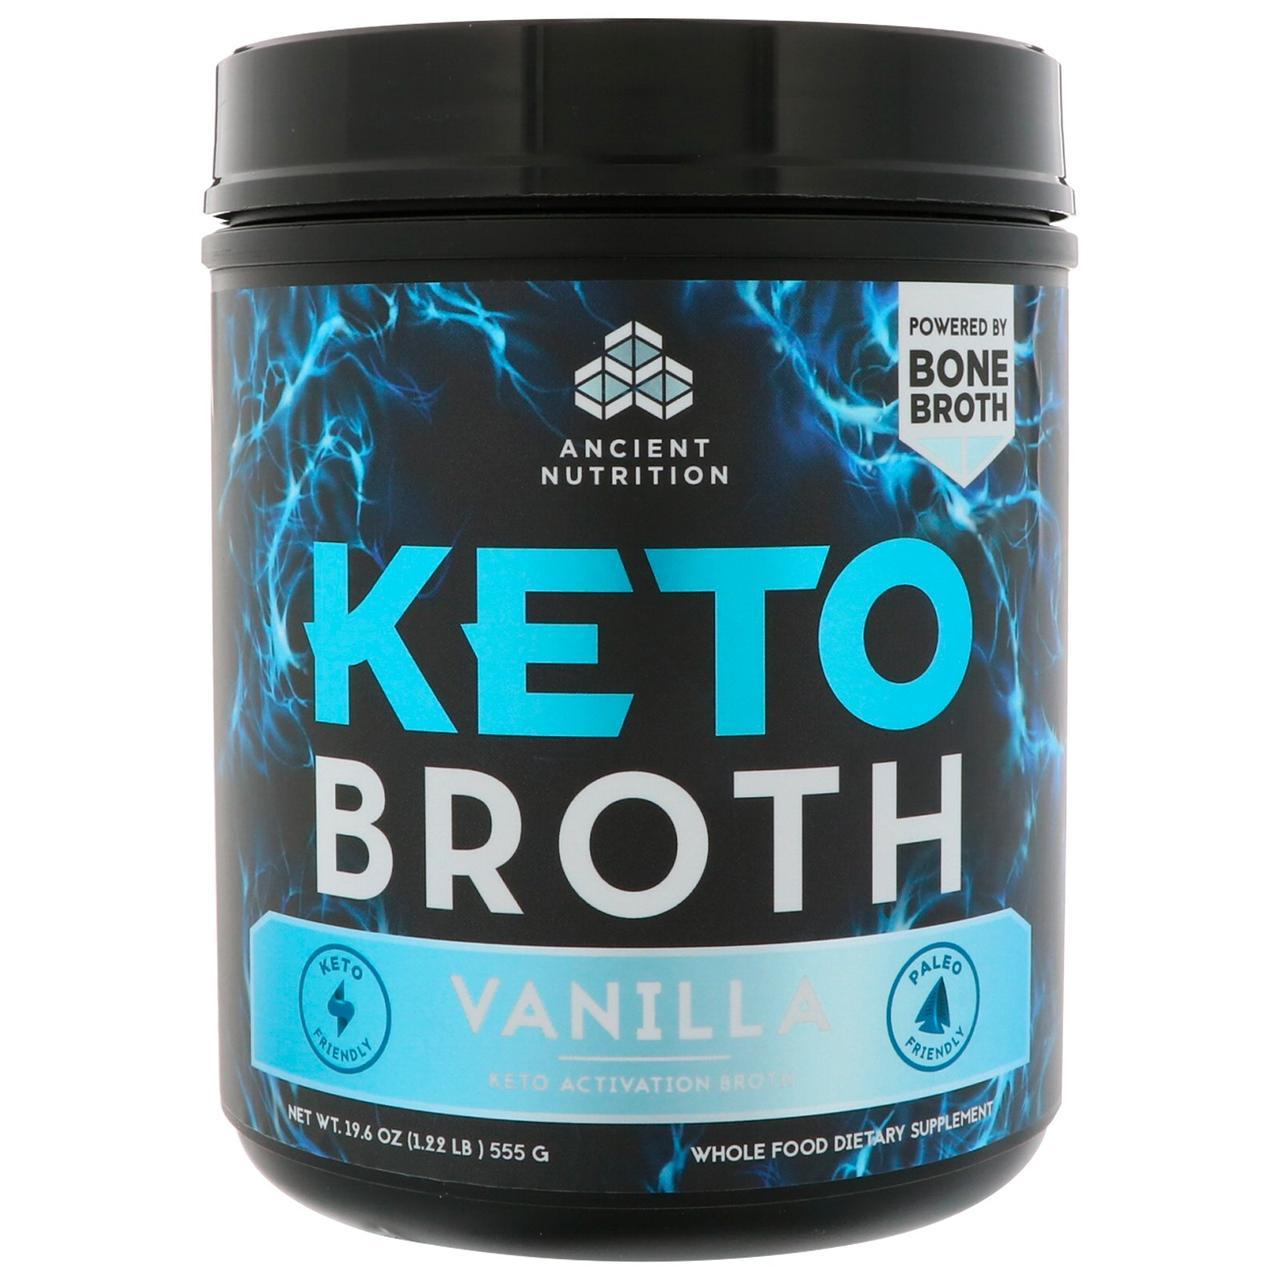 Dr. Axe / Ancient Nutrition, Keto Broth, активационный кето-бульон, ваниль 19,6 унц. (555 г)